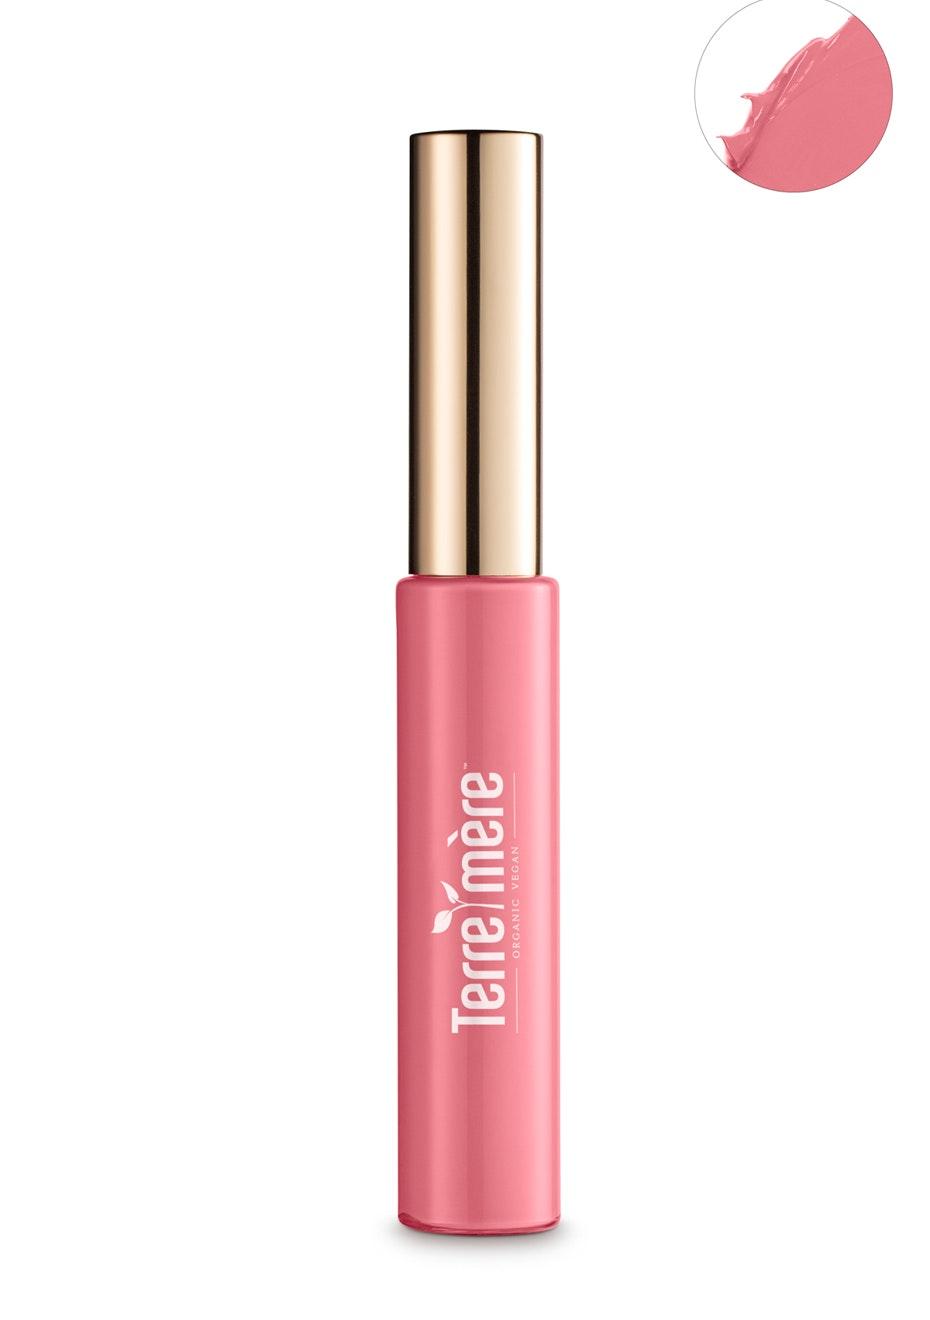 Terre Mere - Liquid Lip Cream - Play Date